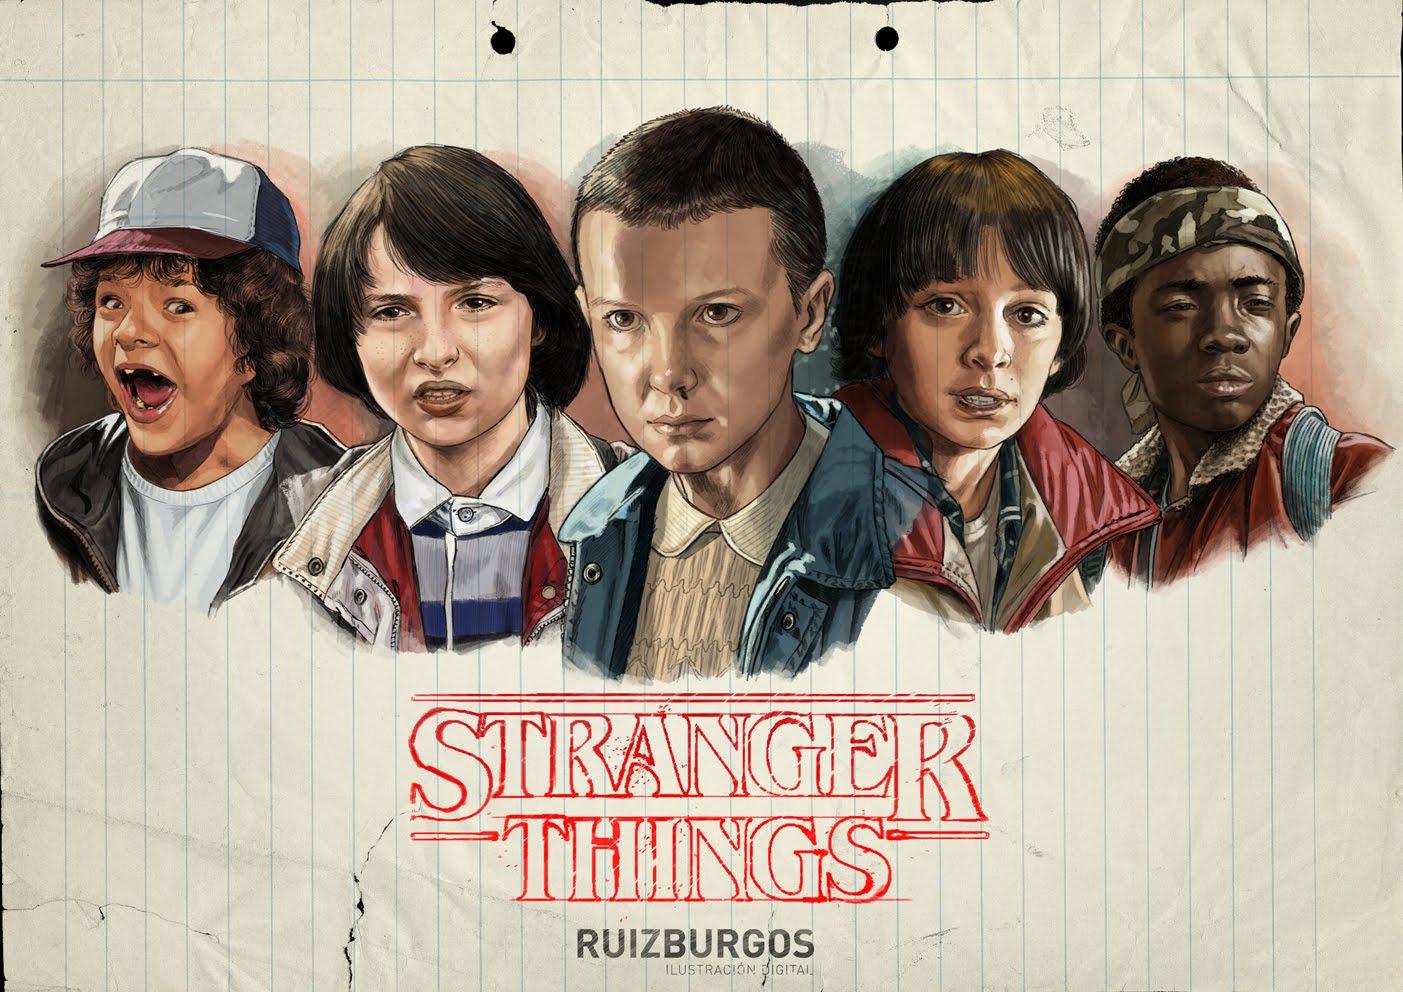 Vem spelar eight stranger things